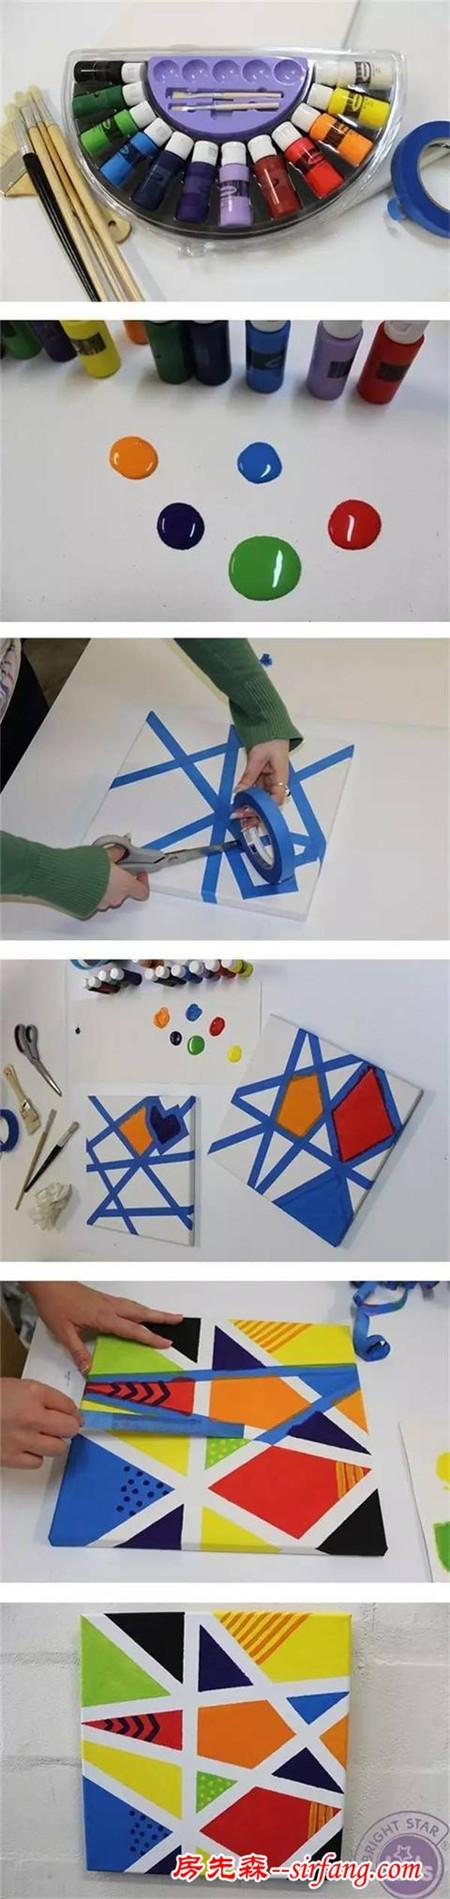 幼儿园亲子手工之装饰画,粘贴画,指印画,胶带画,涂鸦画都在这